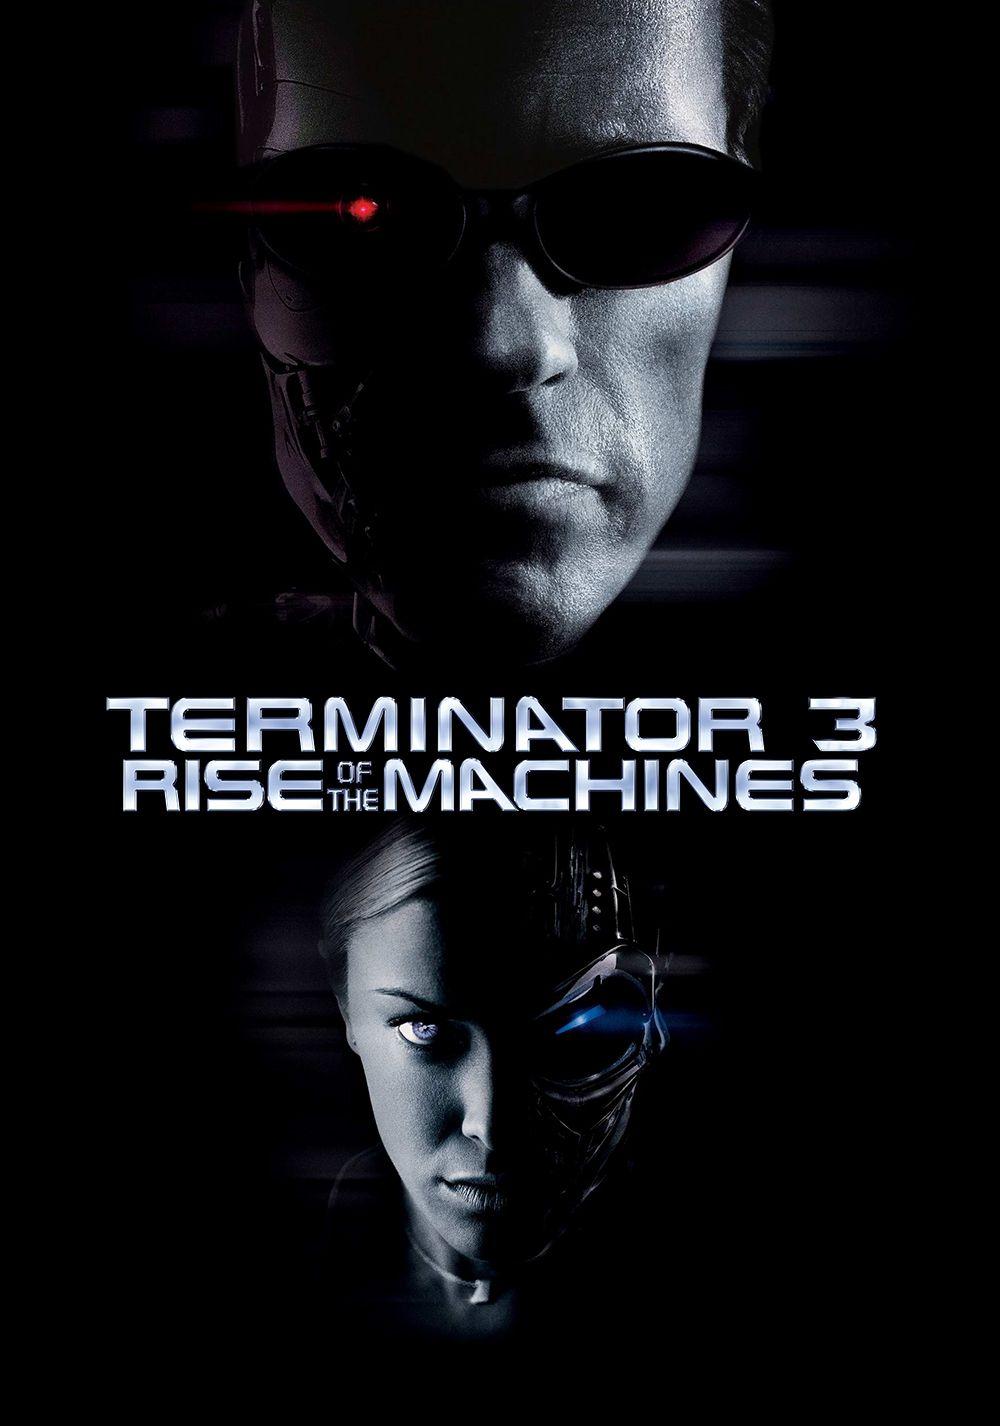 Terminator 3 Rise Of The Machines Em 2020 Cartazes De Filmes Exterminador Do Futuro 3 Exterminador Do Futuro